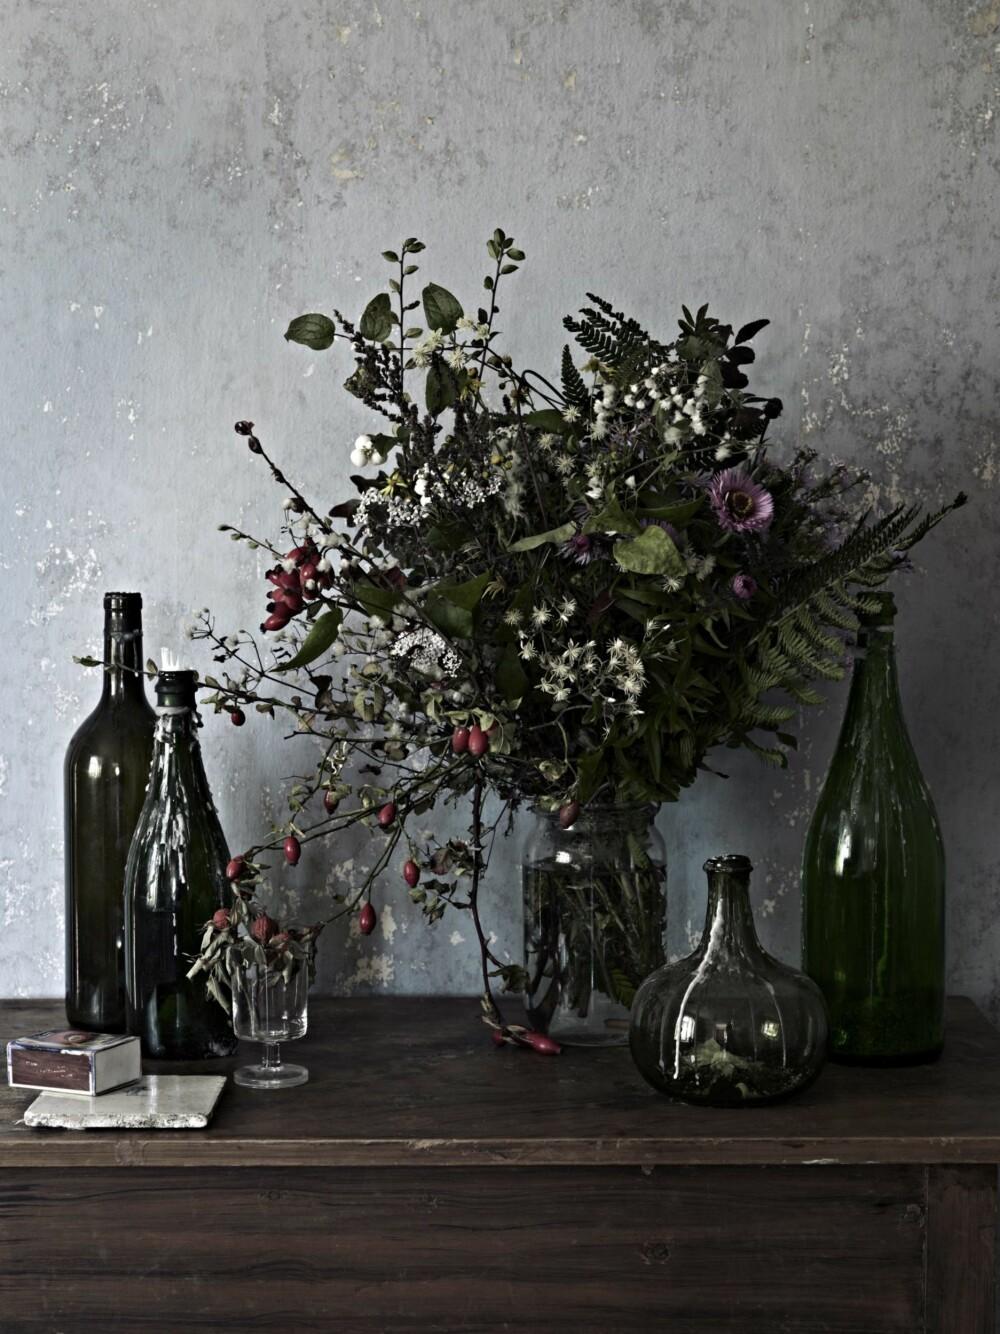 GJENBRUK: Gamle krukker og flasker fungerer som vaser for friske blomster fra hagen.